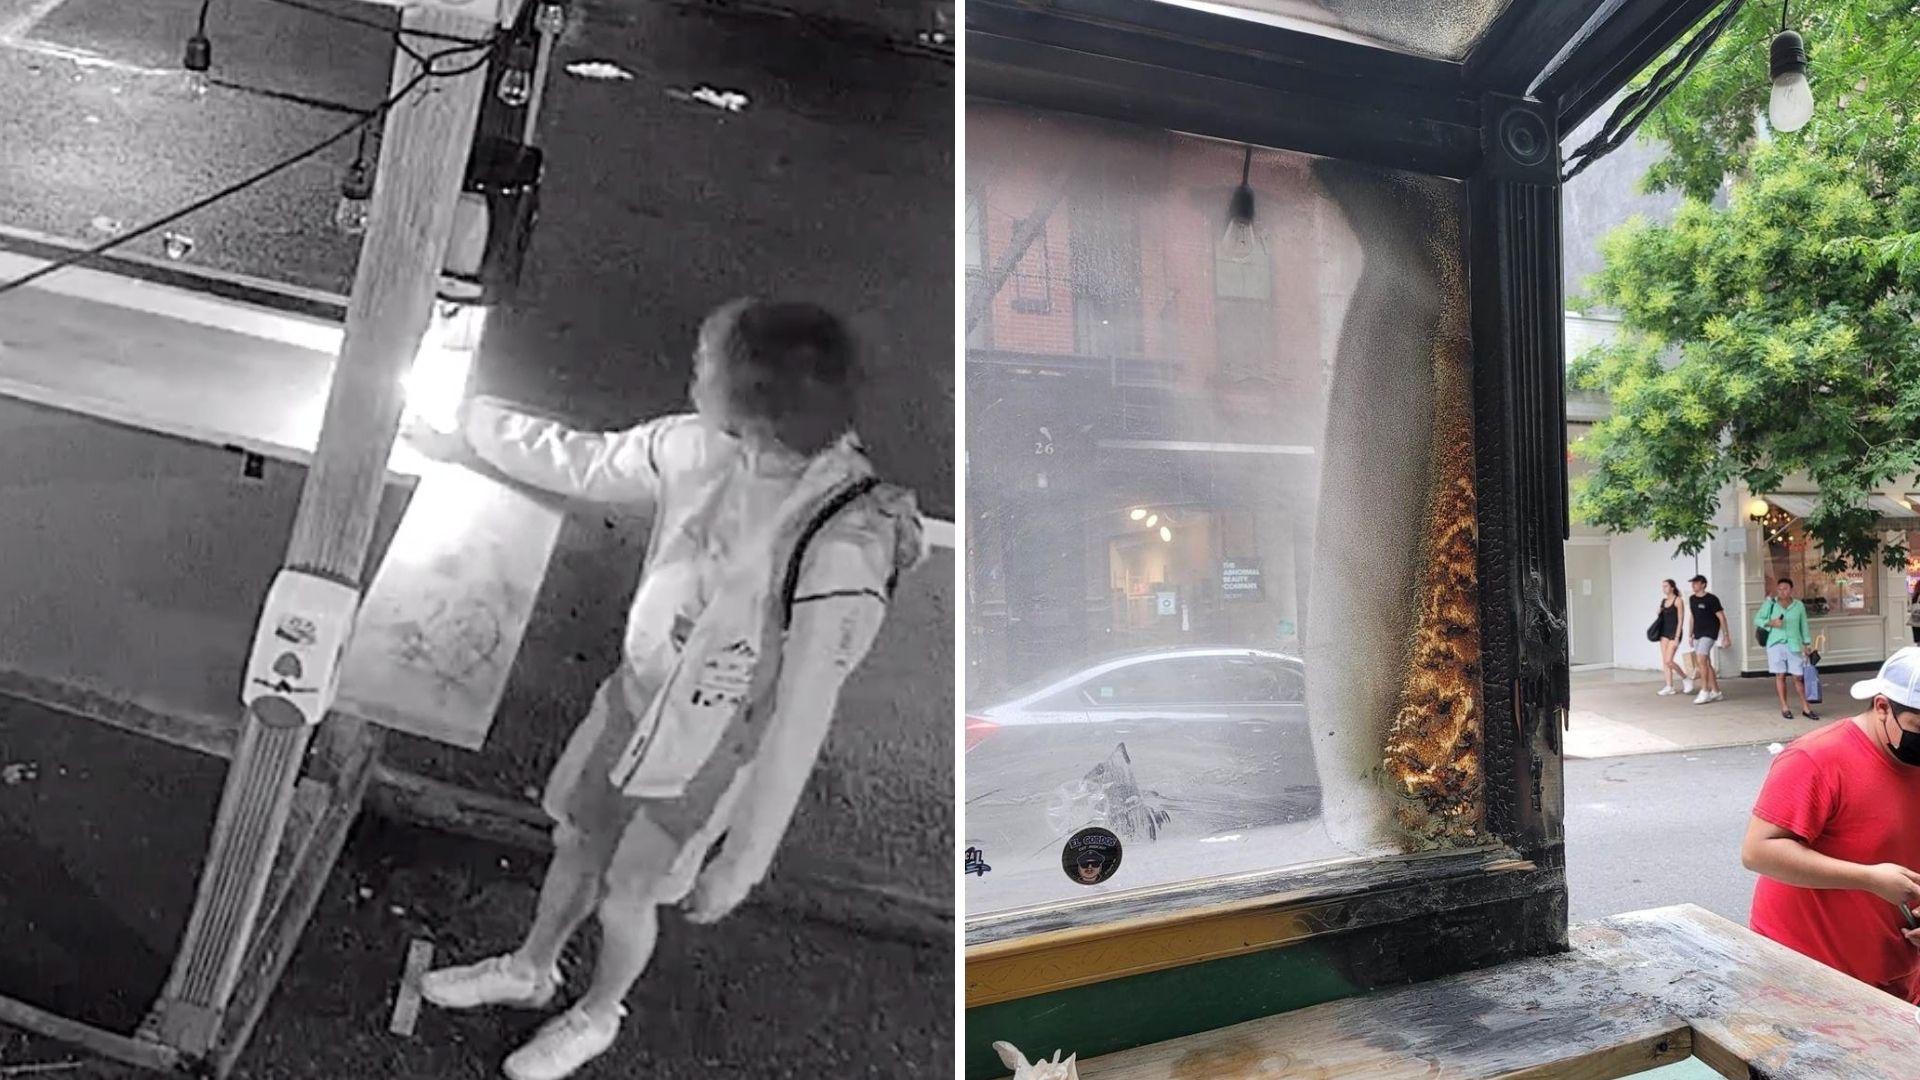 Man arrested in Manhattan arson pattern